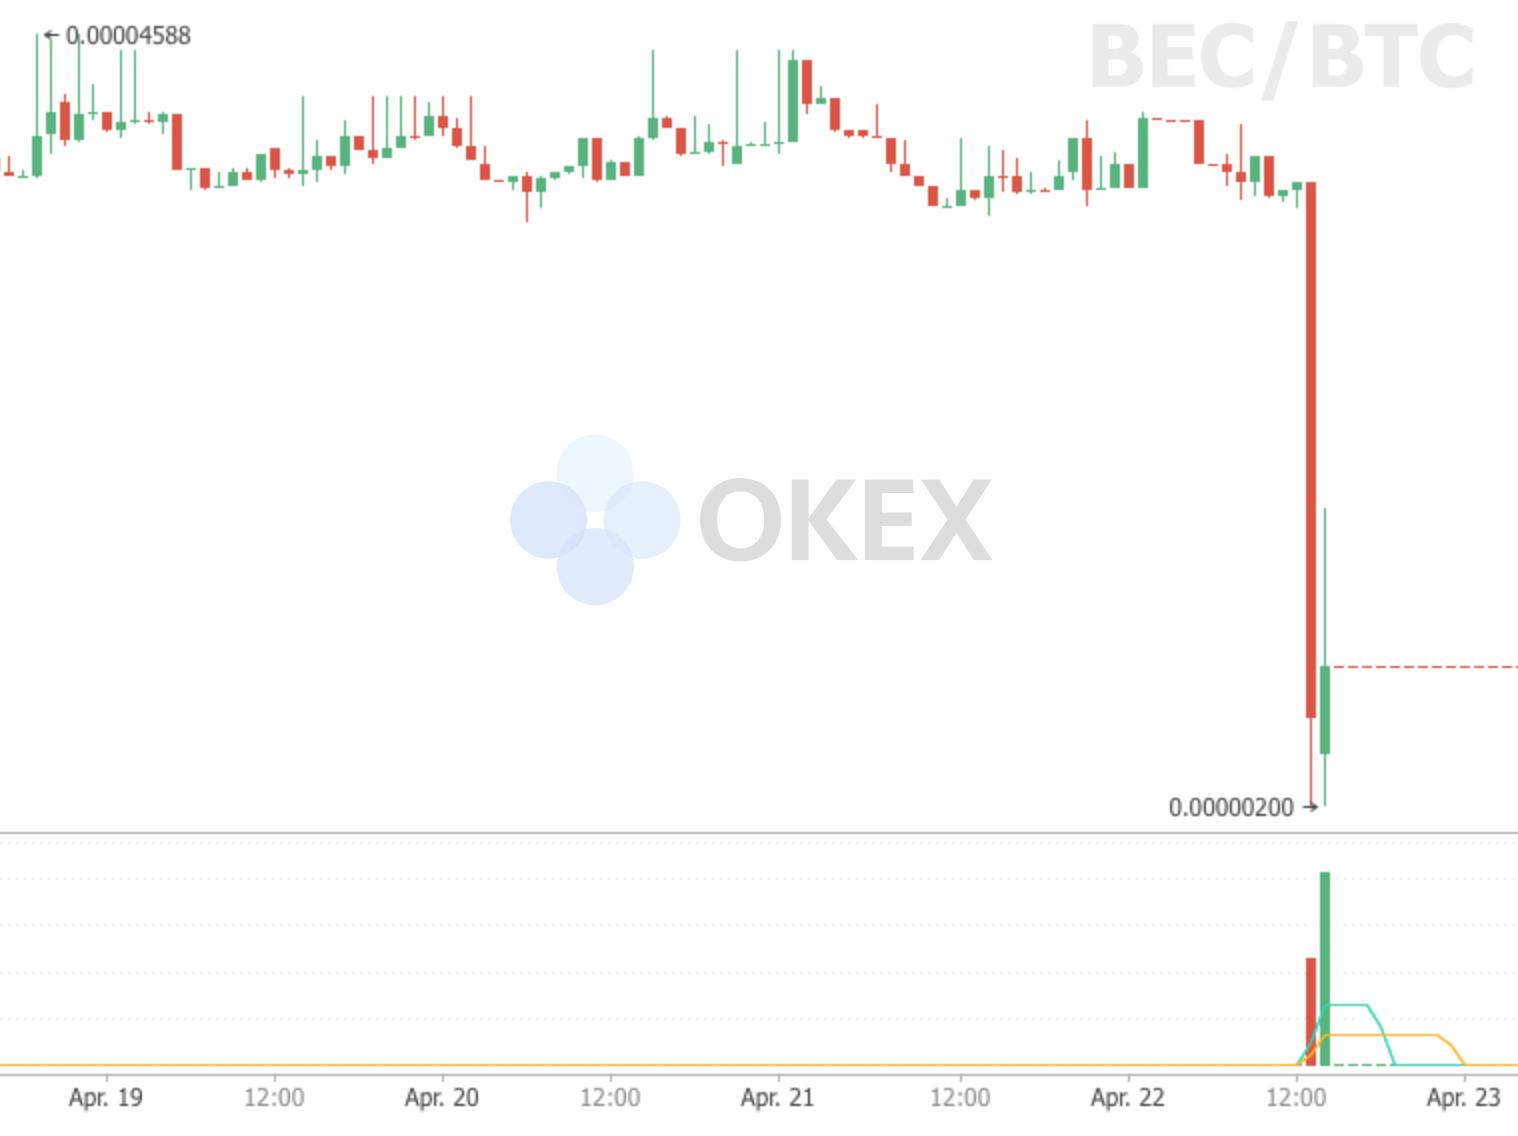 OKEx BEC/BTC market